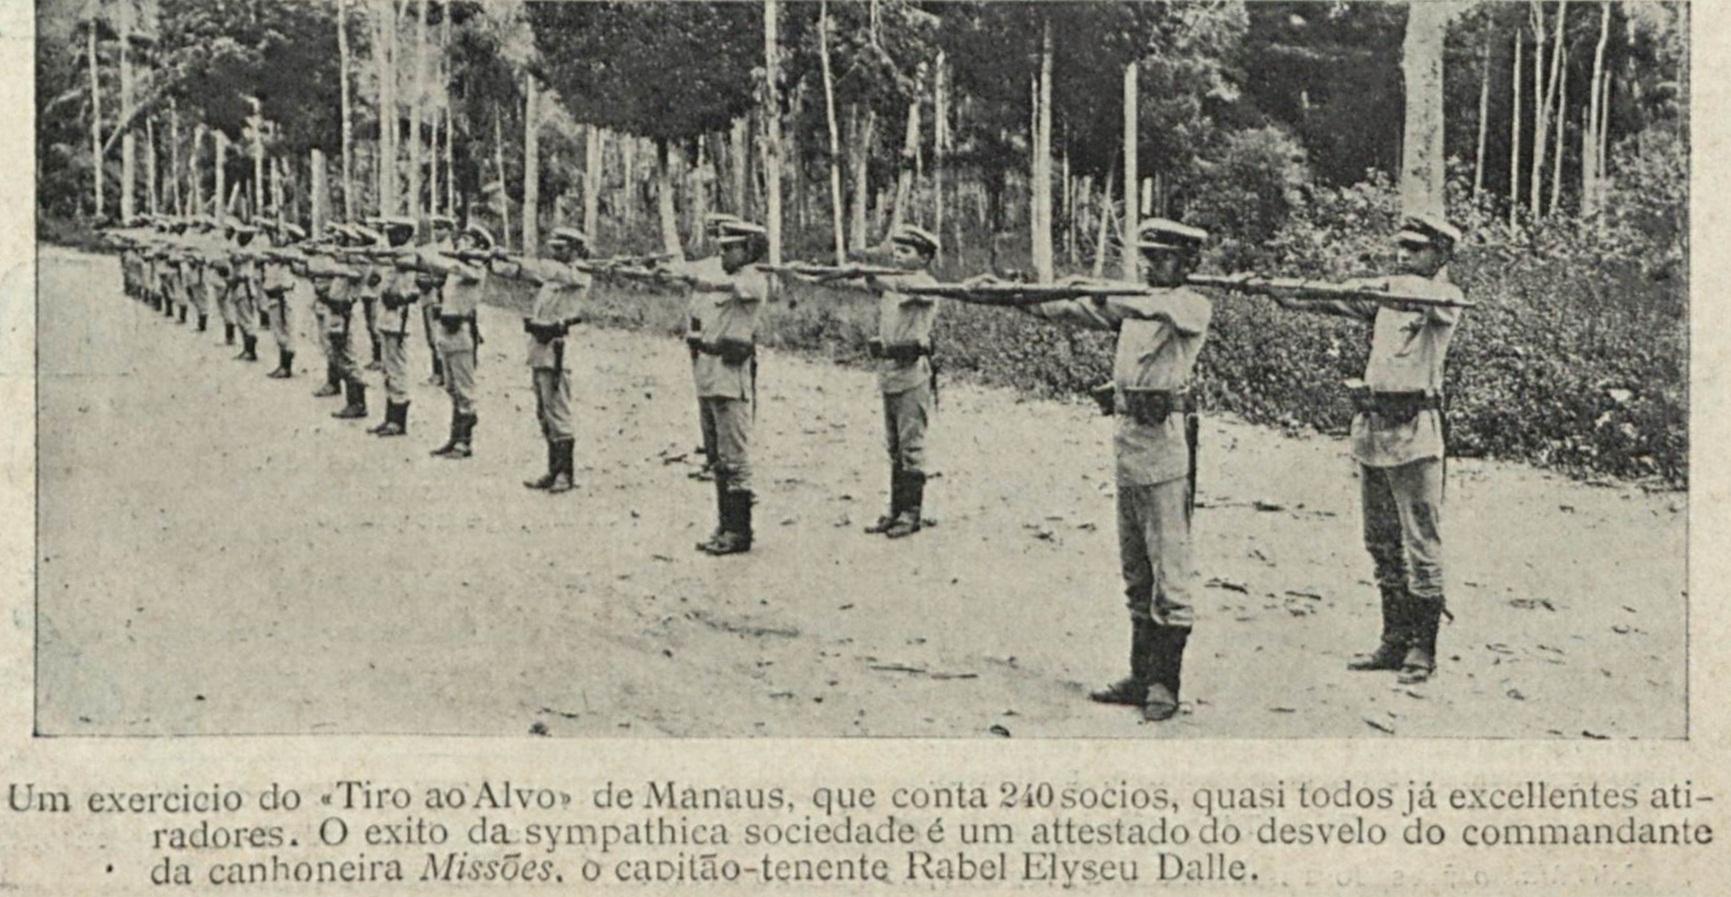 Treinamento do Grupo de Tiro ao Alvo de Manaus